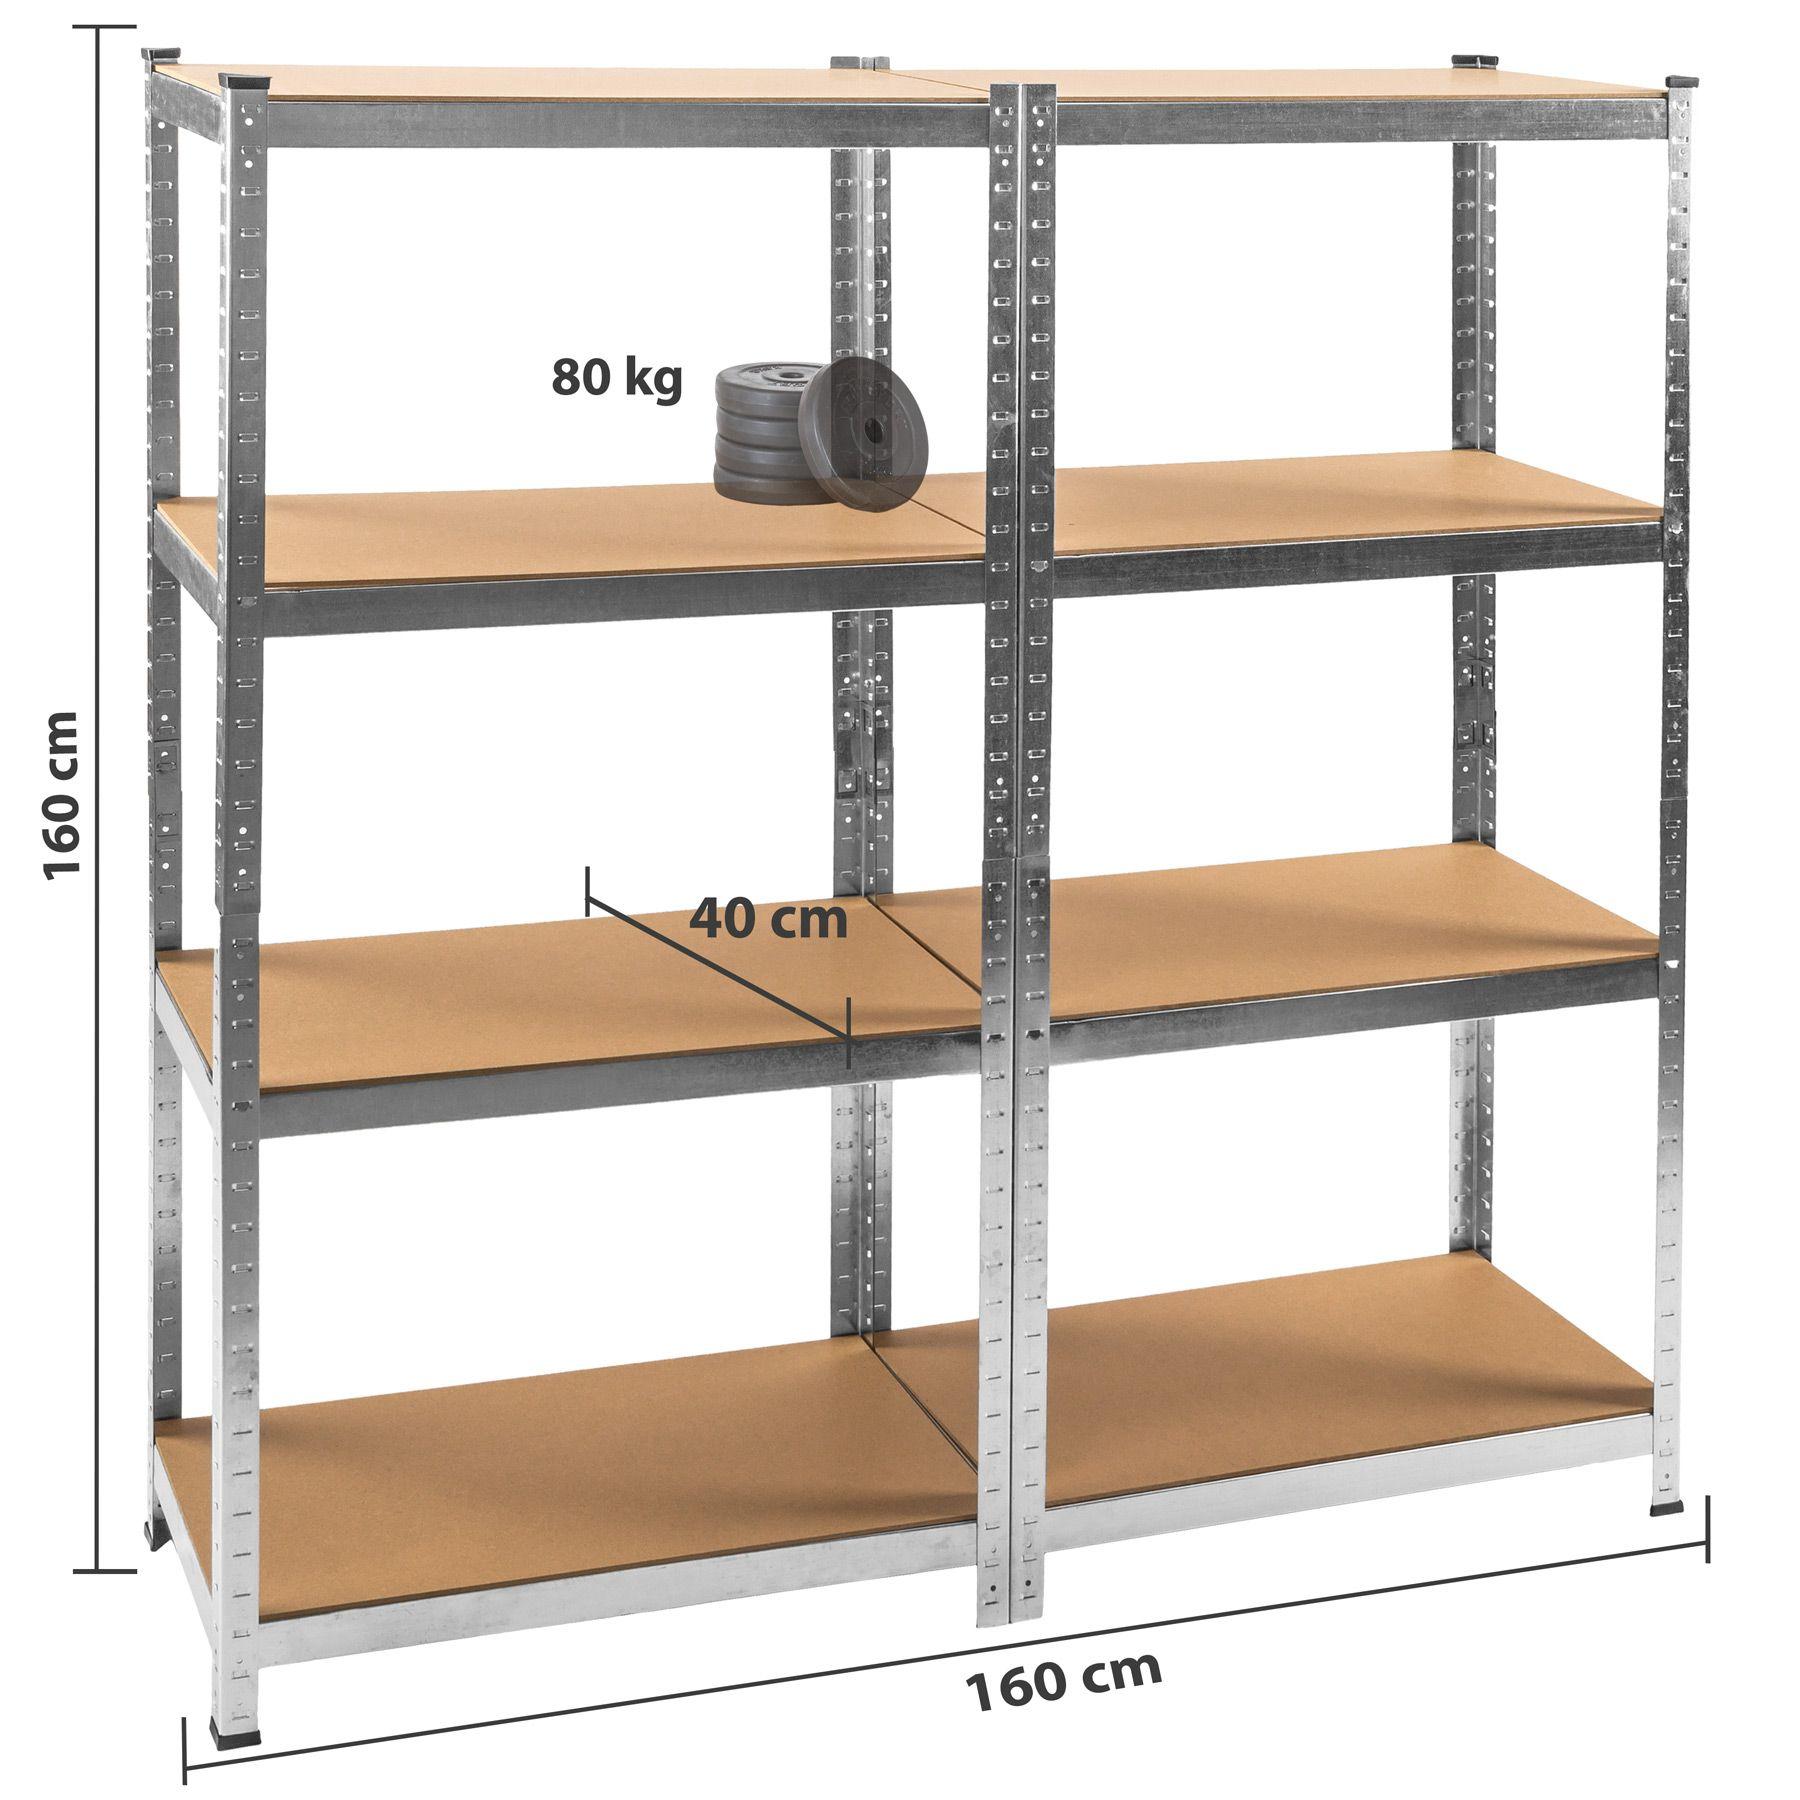 details sur etagere 640kg charge lourde metallique de rangement objets atelier 160x160x40